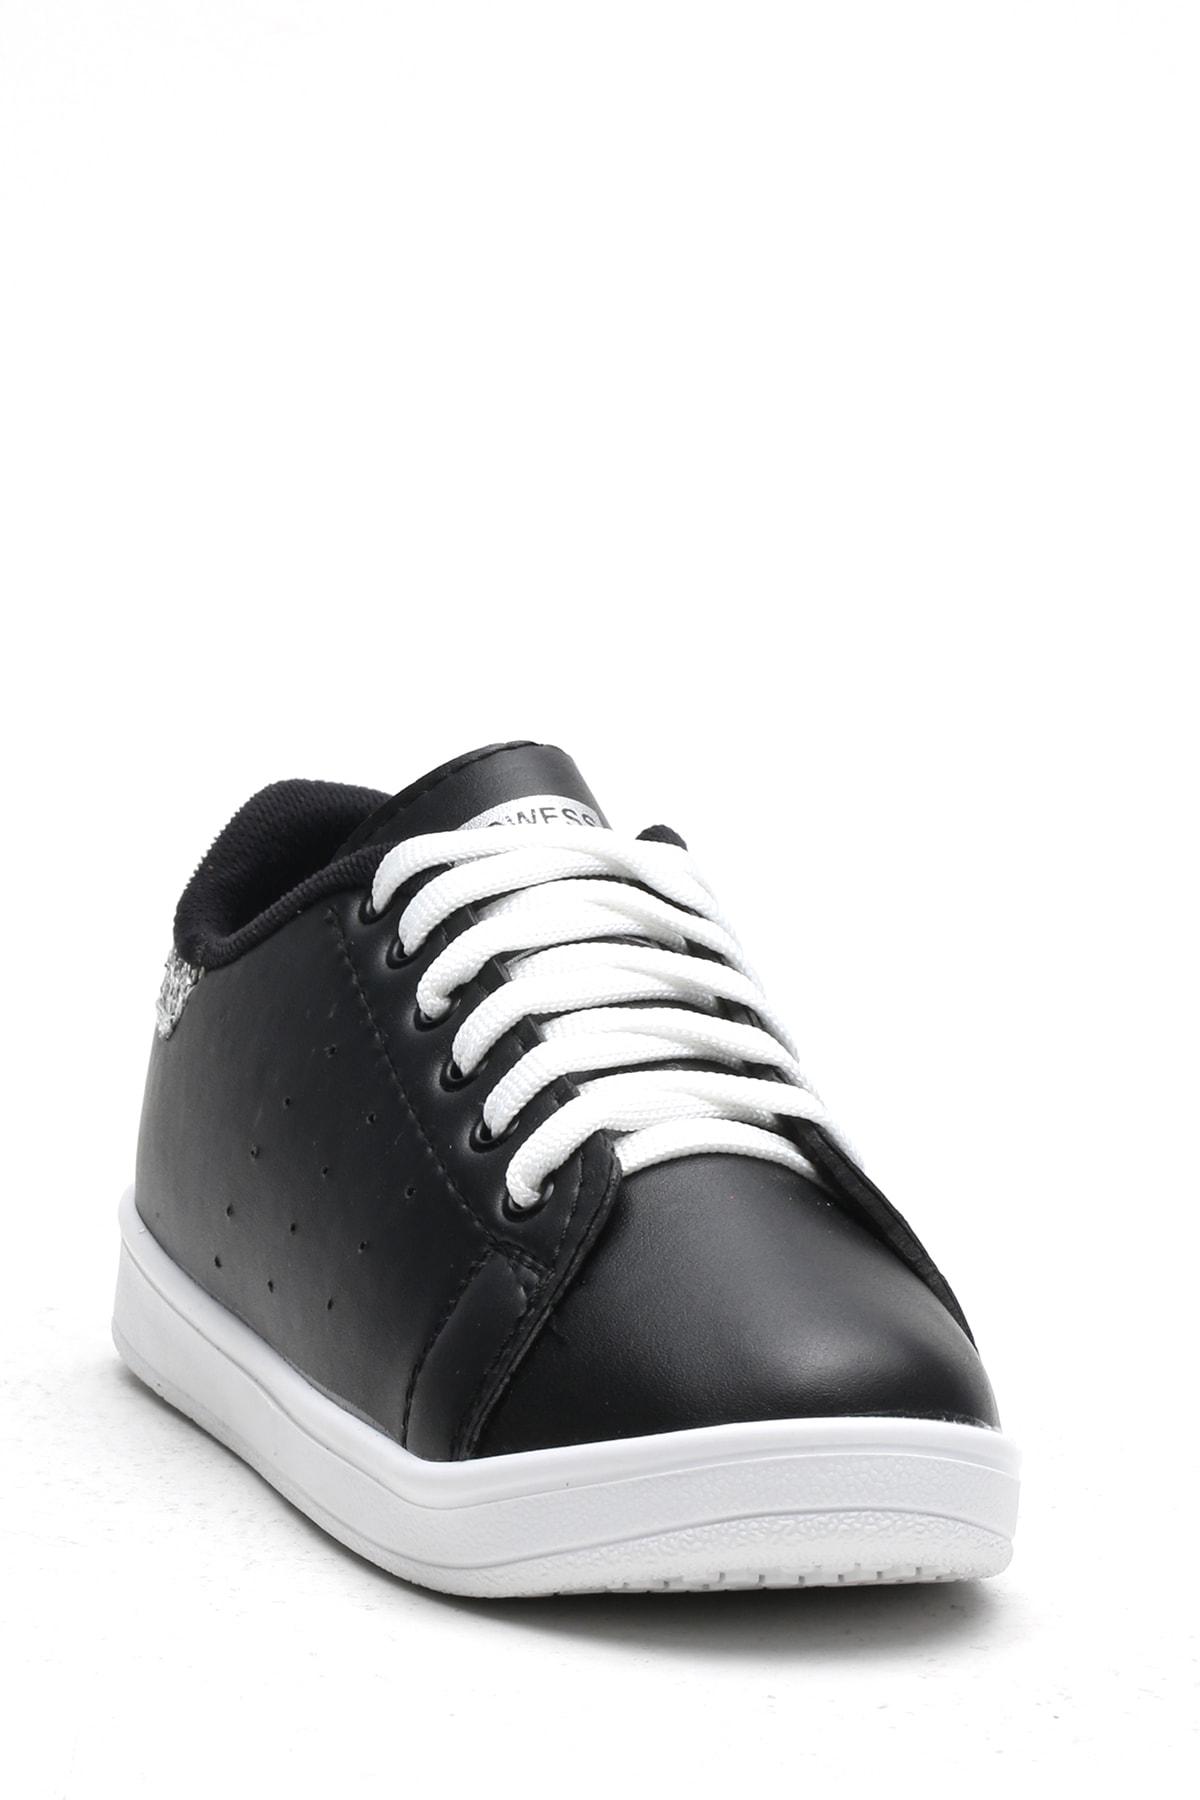 Ayakkabı Modası Siyah-Platin Kadın Casual Ayakkabı BM-4000-19-110003 1